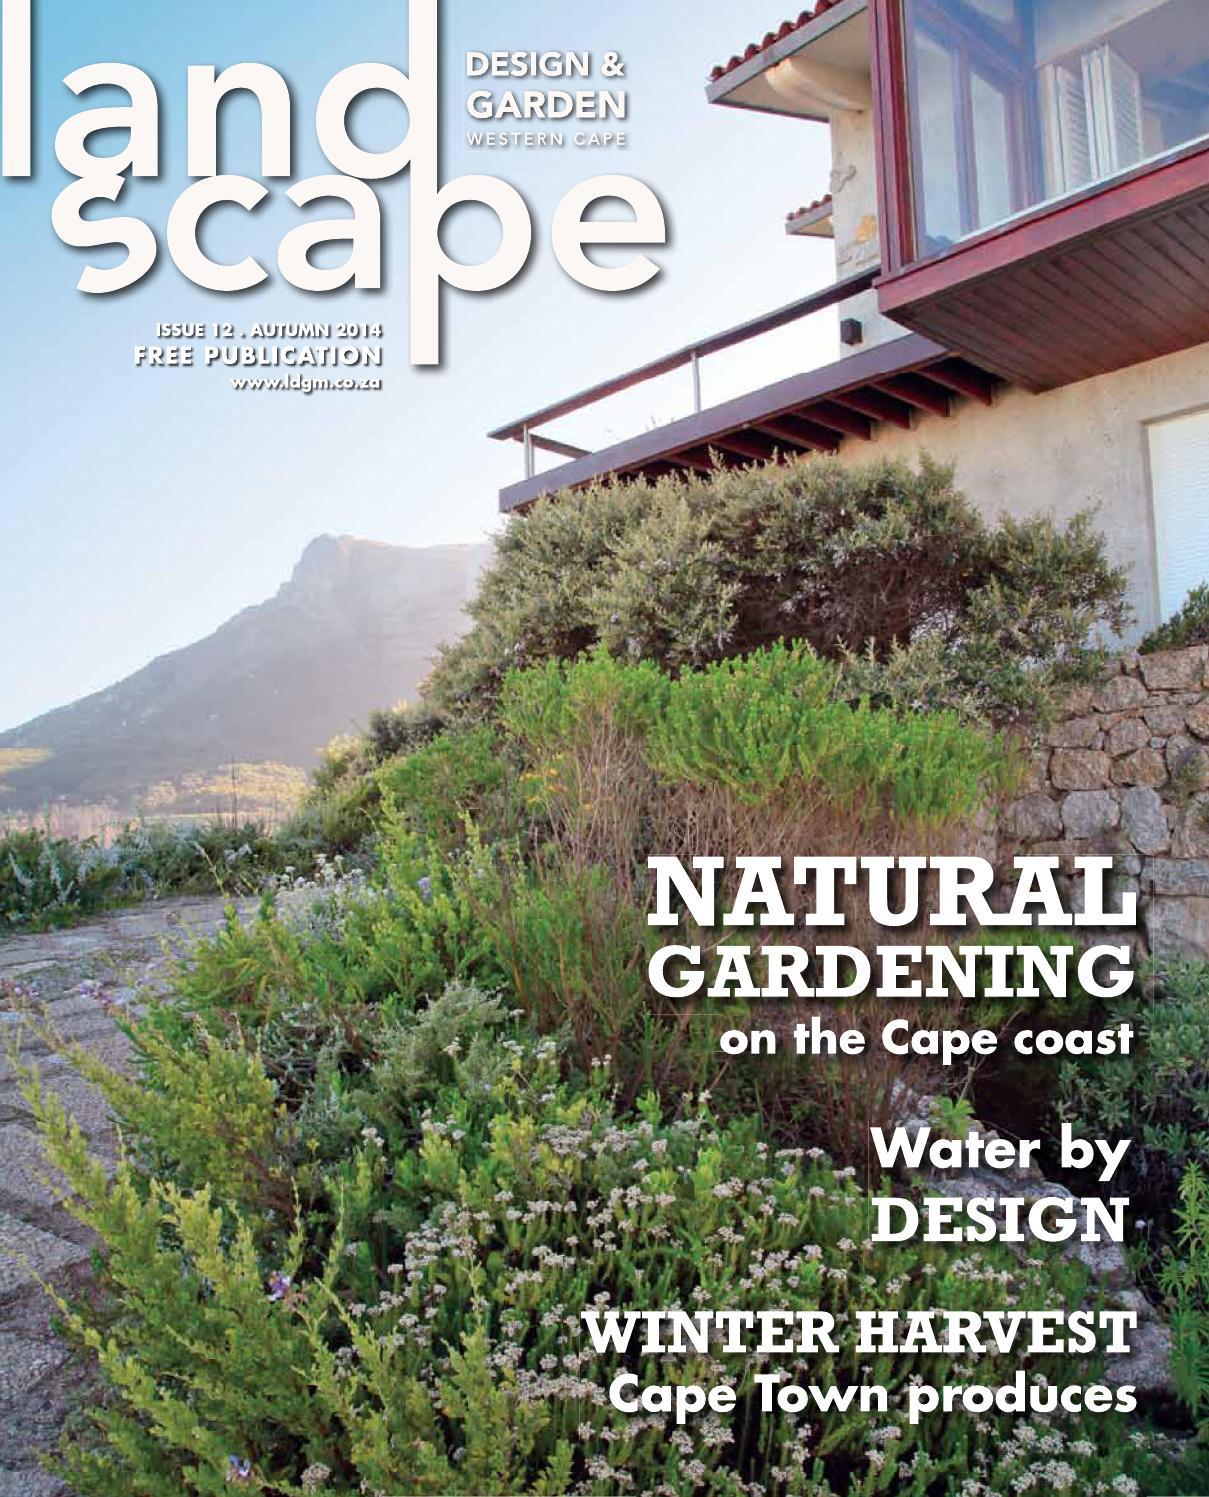 Landscape Design U0026 Garden Magazine - Autumn 2014 By Landscape Design And Garden Magazine